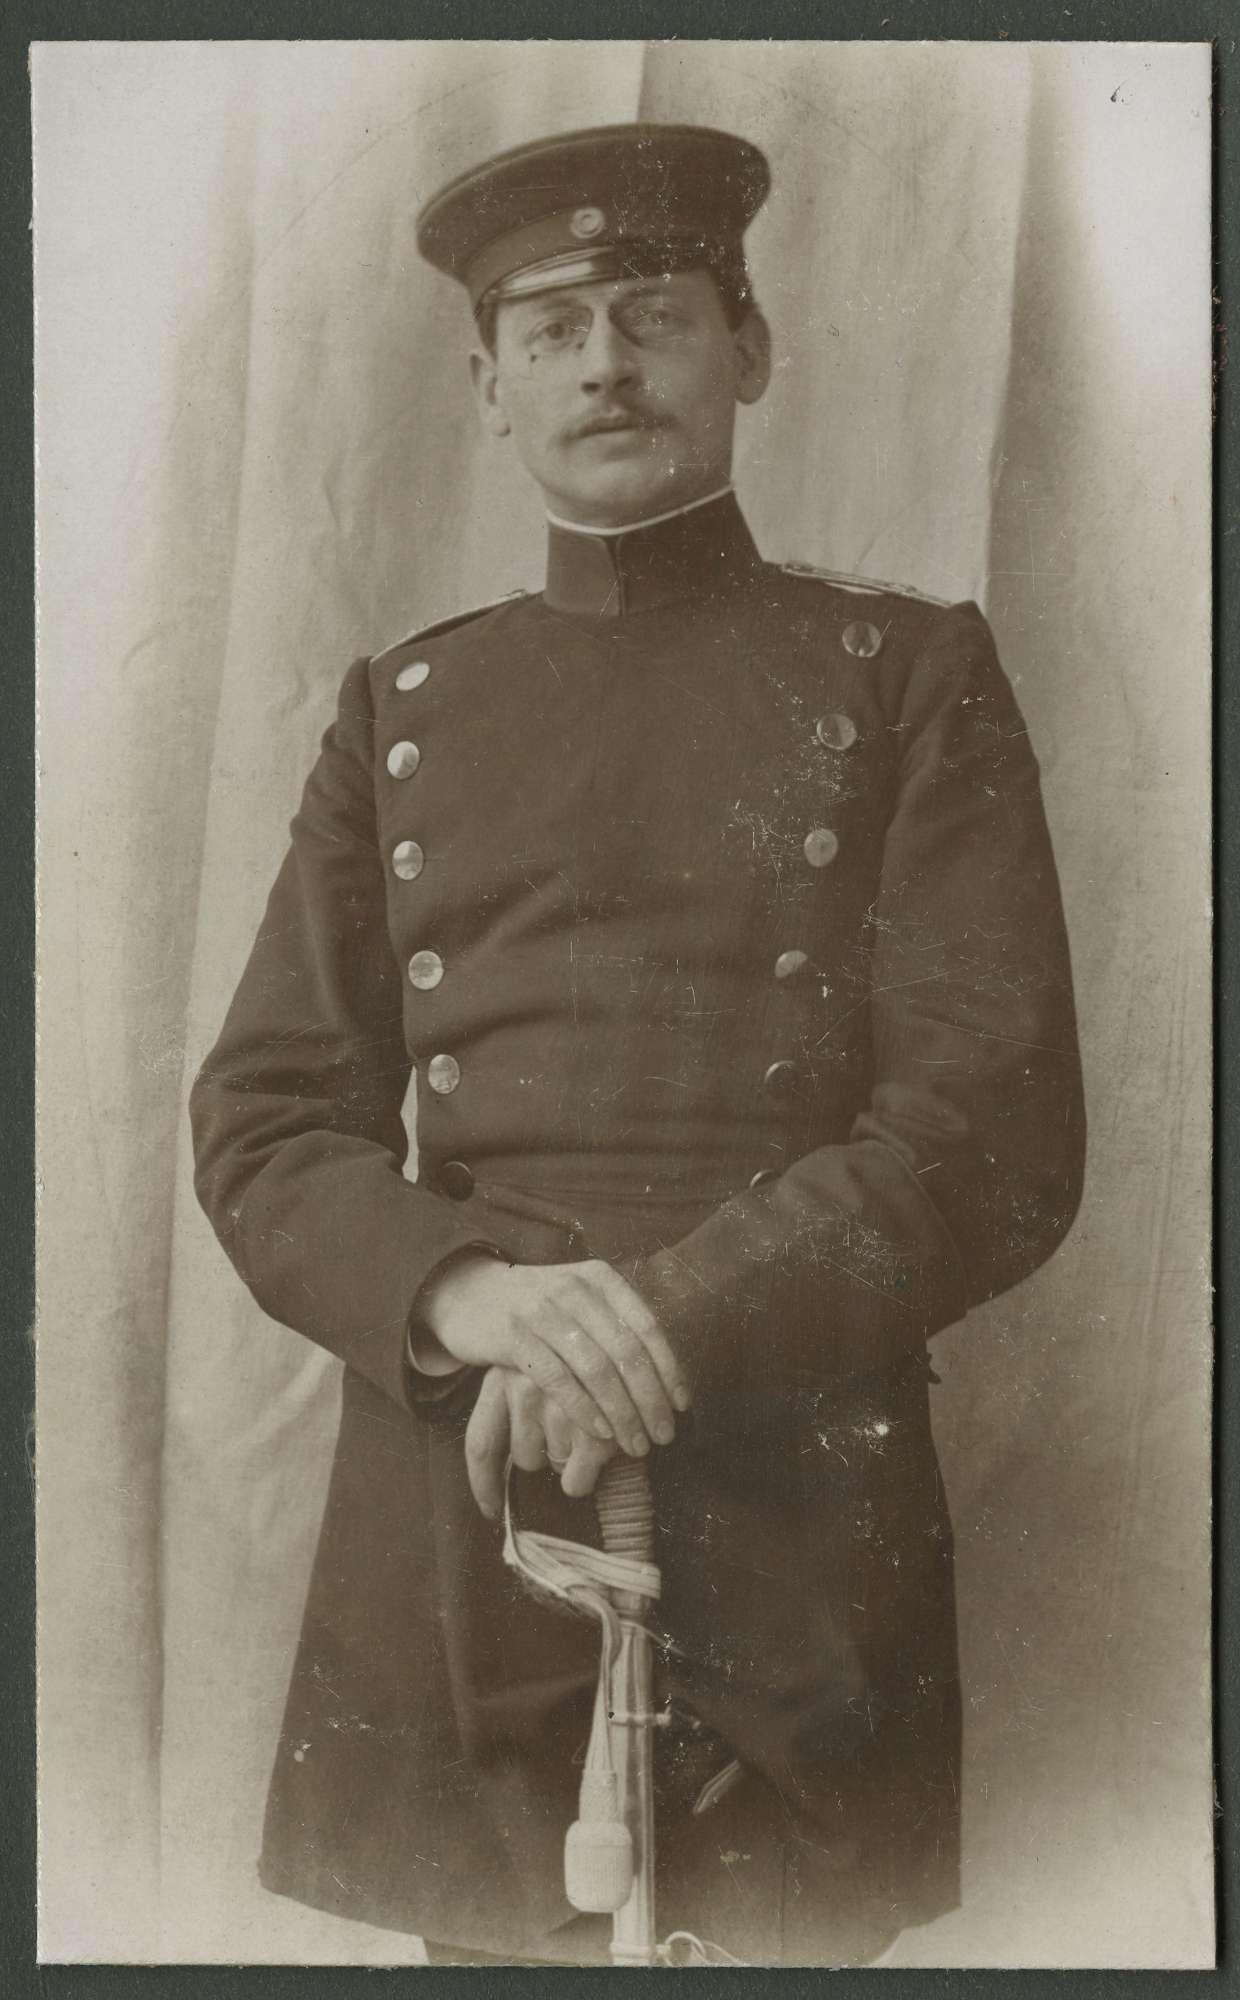 Flaischlen, Hugo, Bild 1